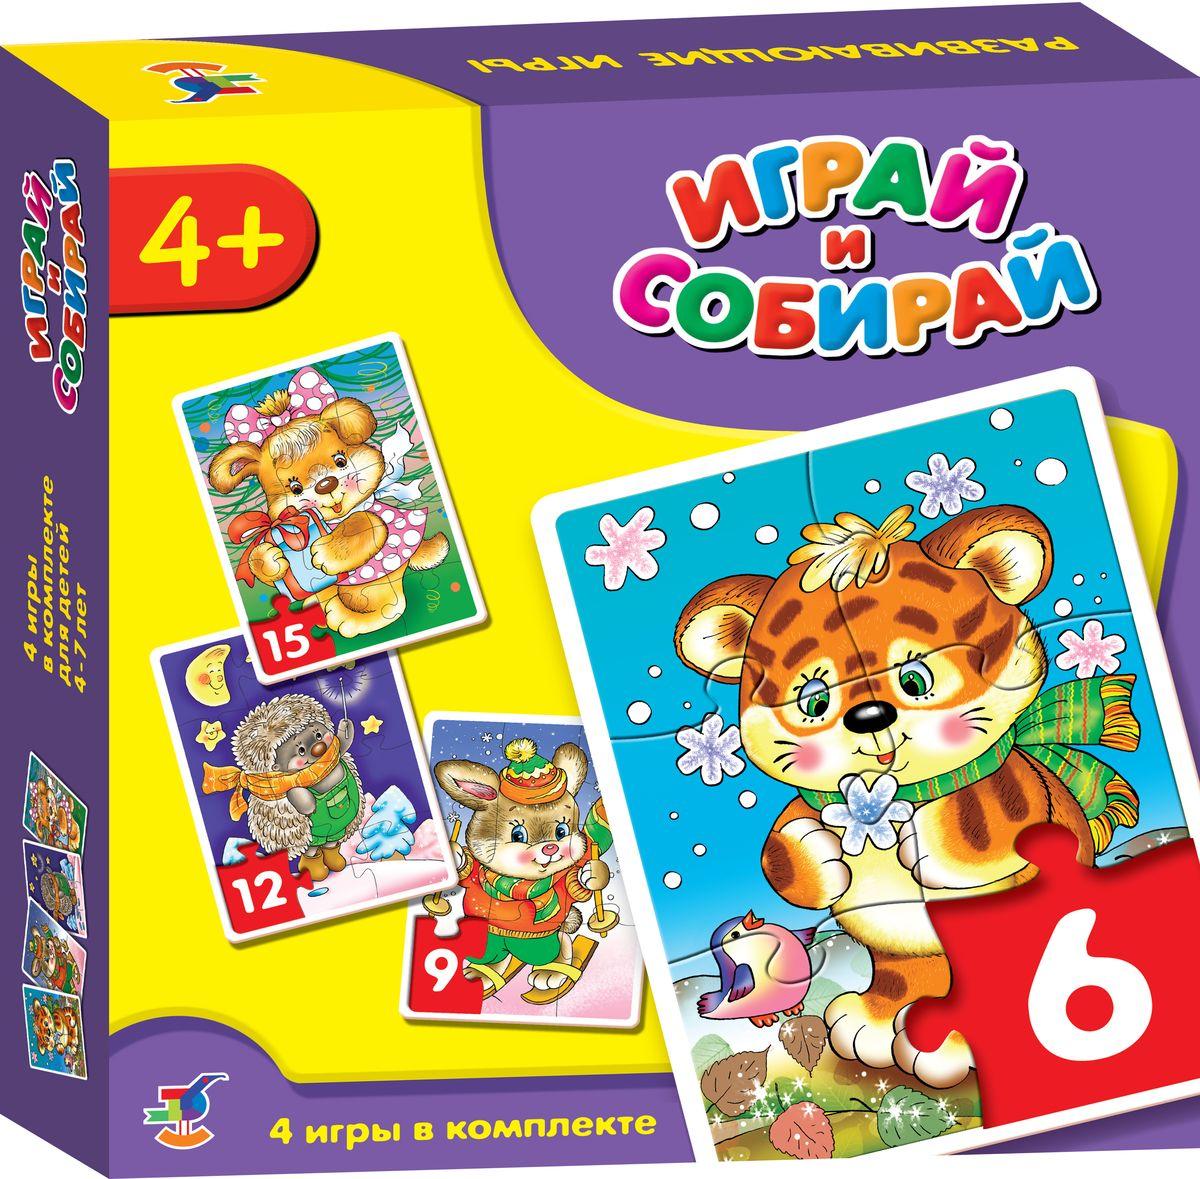 Дрофа-Медиа Пазл для малышей Играй и собирай 4 в 1 29452945Пазл для малышей Дрофа-Медиа Играй и собирай прекрасно подходит для первого знакомства малыша с мозаикой, способствует формированию навыка соединения целого изображения из различных элементов. Набор включает в себя четыре пазла, один из которых состоит из 6 элементов, второй - из 9 элементов, третий - из 12 элементов и четвертый - из 15. Собрав все элементы набора, вы получите 4 картинки с изображением различных животных - тигренка, зайчика, ежика и щенка. Собирание пазла развивает у ребенка мелкую моторику рук, тренирует наблюдательность, логическое мышление, знакомит с окружающим миром, с цветом и разнообразными формами, учит усидчивости и терпению, аккуратности и вниманию.